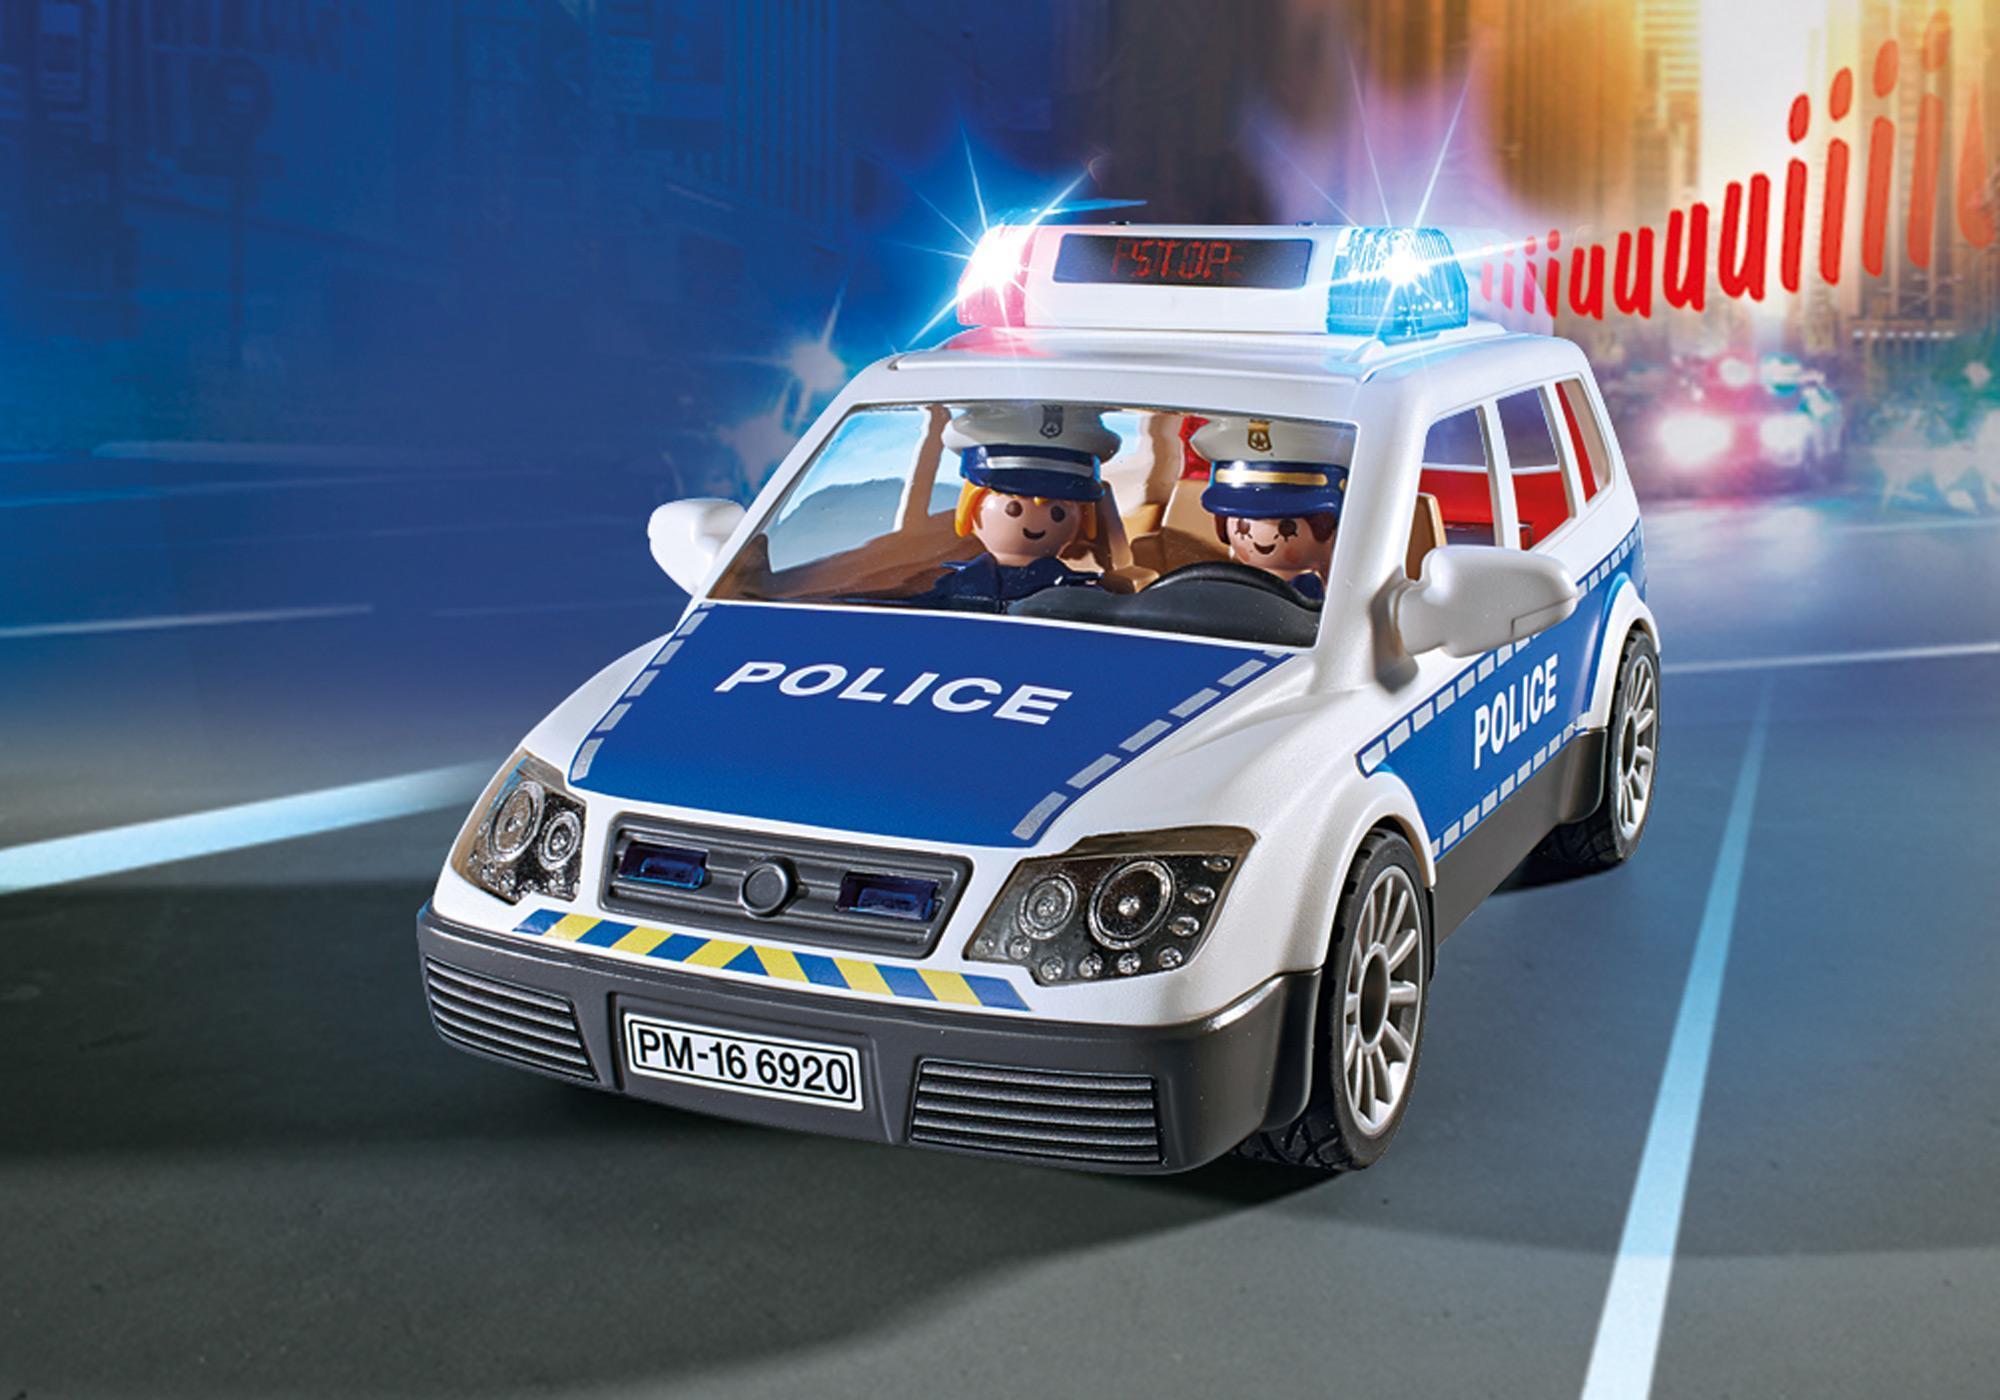 http://media.playmobil.com/i/playmobil/6920_product_extra3/Politiepatrouille met licht en geluid